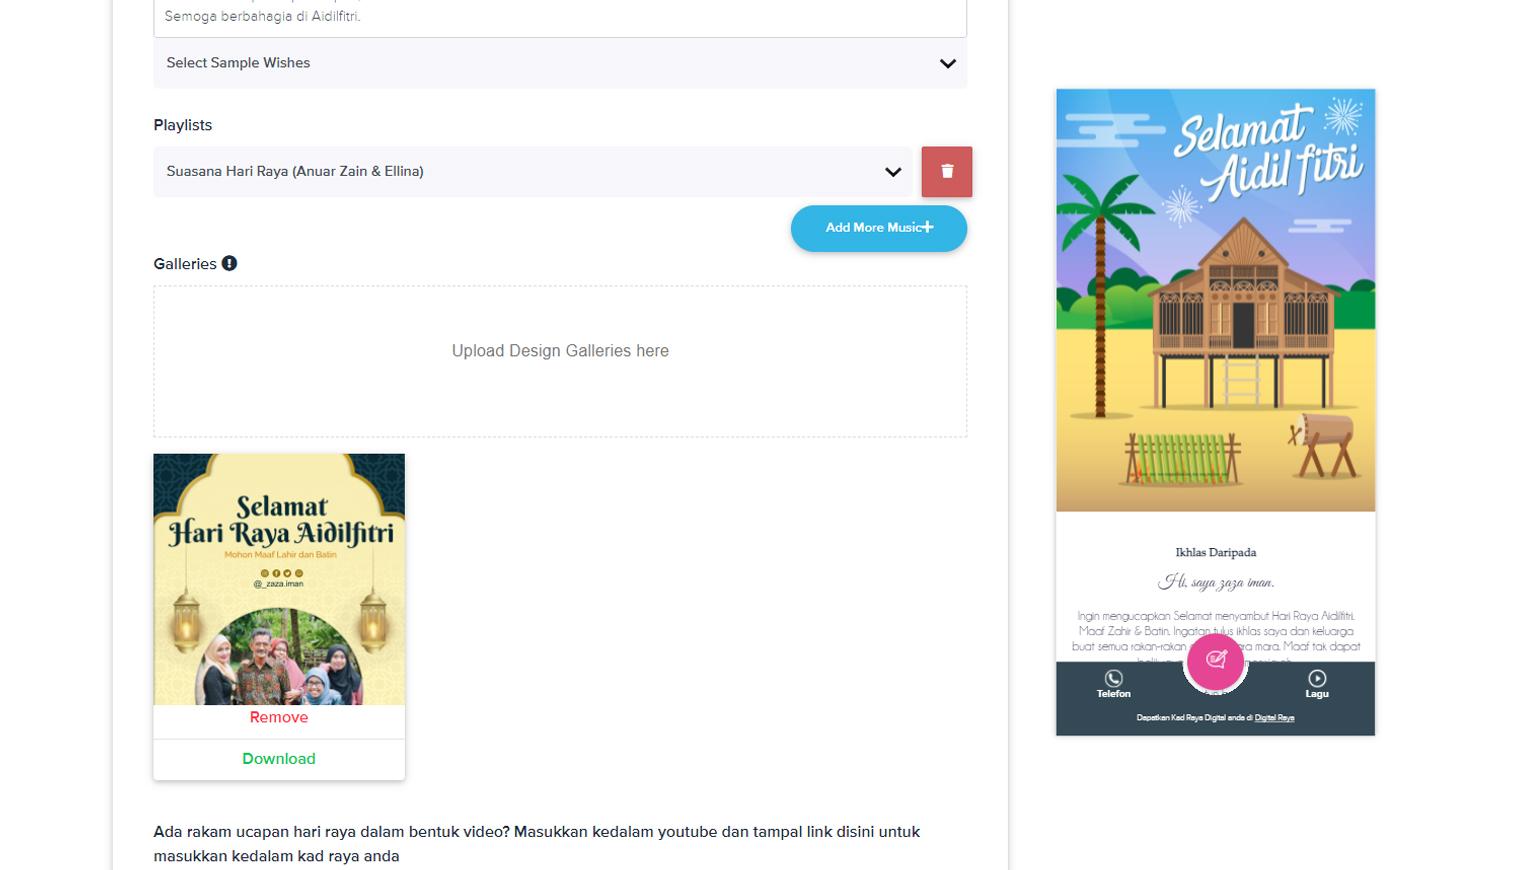 Kirim Kad Raya Secara Digital, Lebih Pantas, Mudah dan Murah dengan Envitee